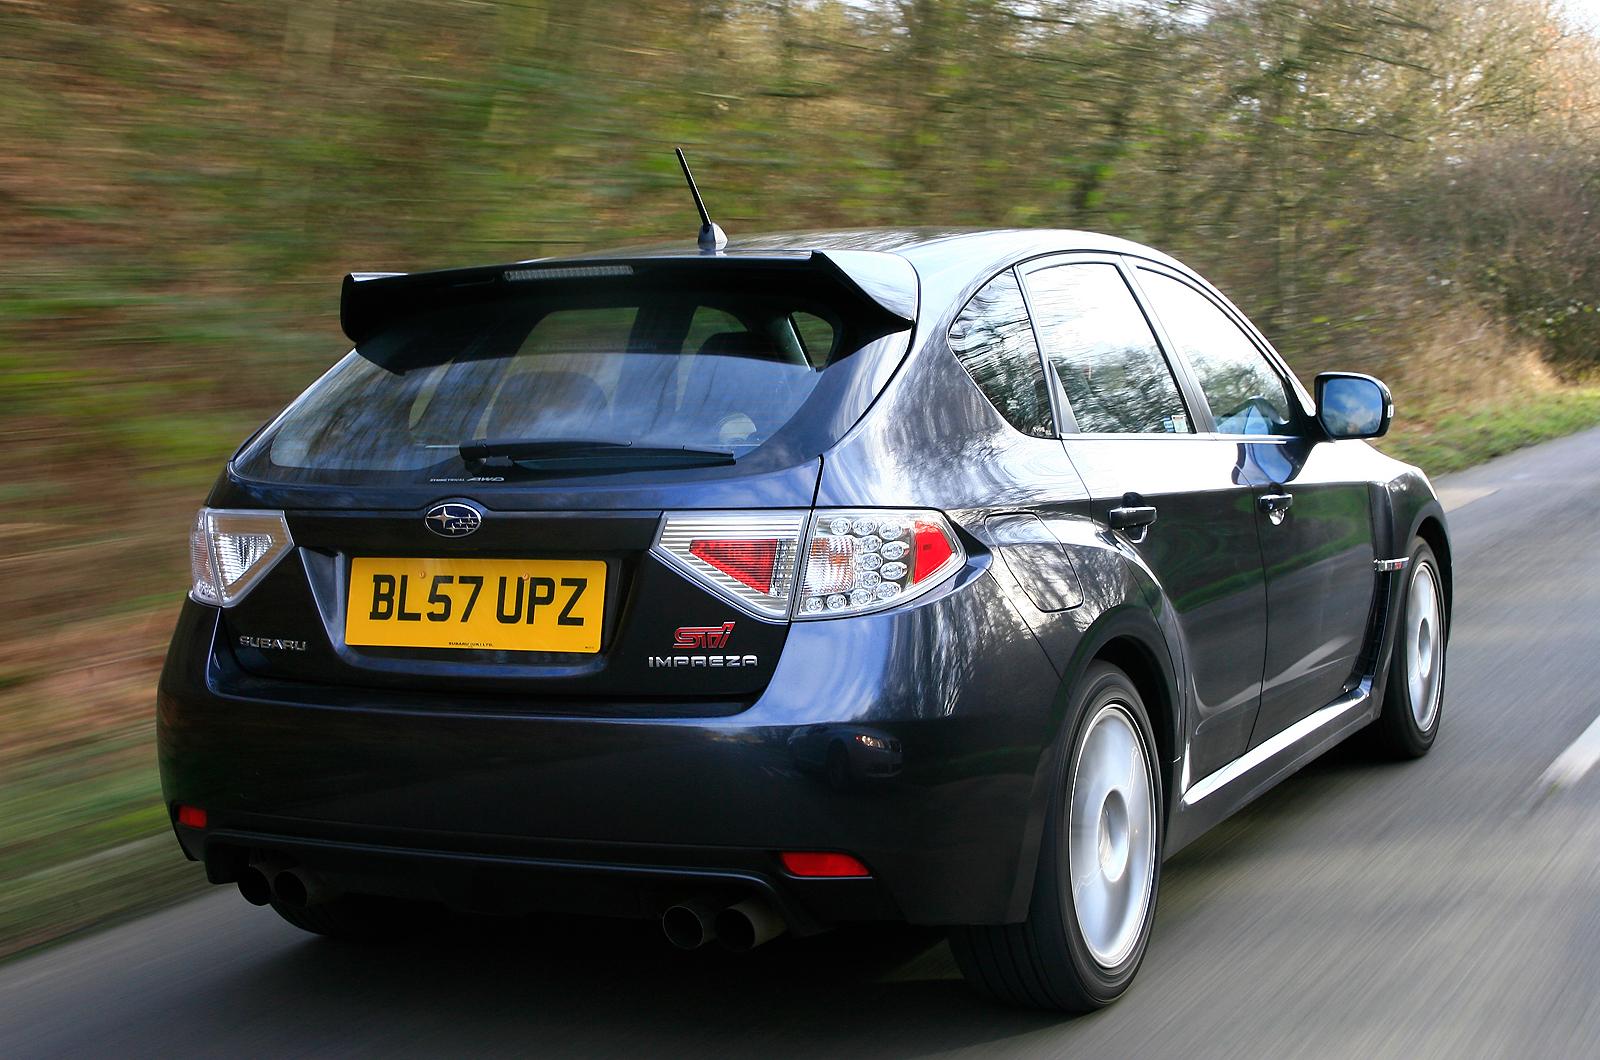 Used Subaru Wrx Sti >> Subaru WRX STi 2007-2013 Review | Autocar